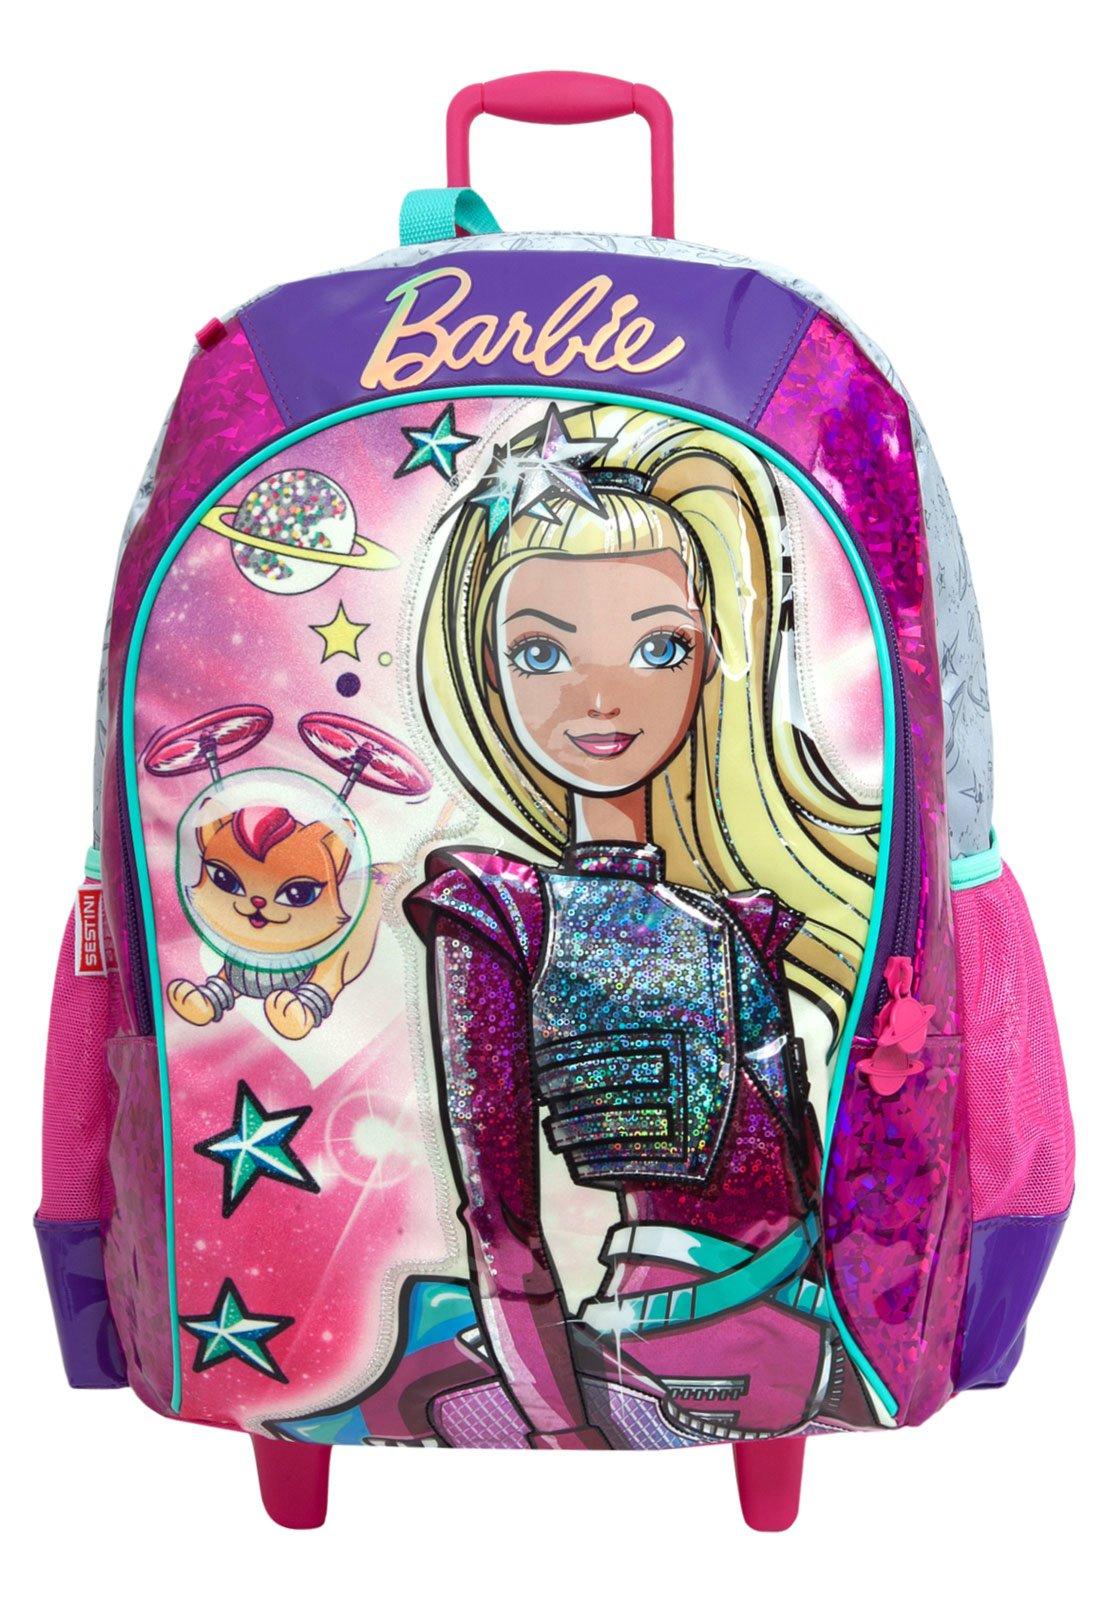 fe552b99d Mochila de Rodinhas Sestini Infantil Barbie Aventura nas Estrelas  Rosa/Roxa/Prata - Compre Agora | Tricae Brasil